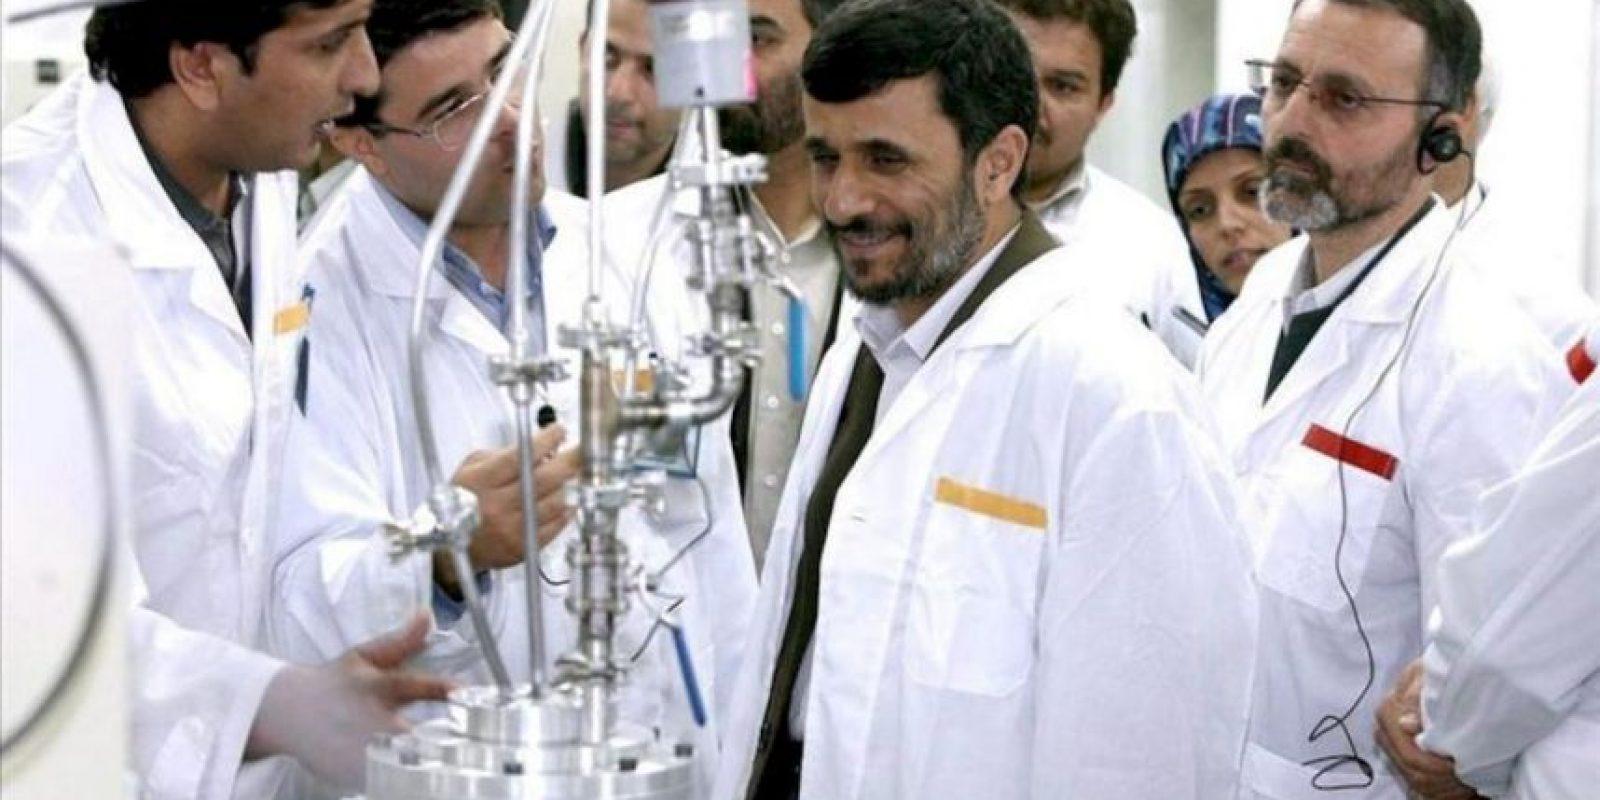 Imagen cedida por la web presidencial iraní datada el 8 de marzo del 2007 del presidente iraní, Mahmud Ahmadineyad, visitando la planta atómica de Natanz, Irán. EFE